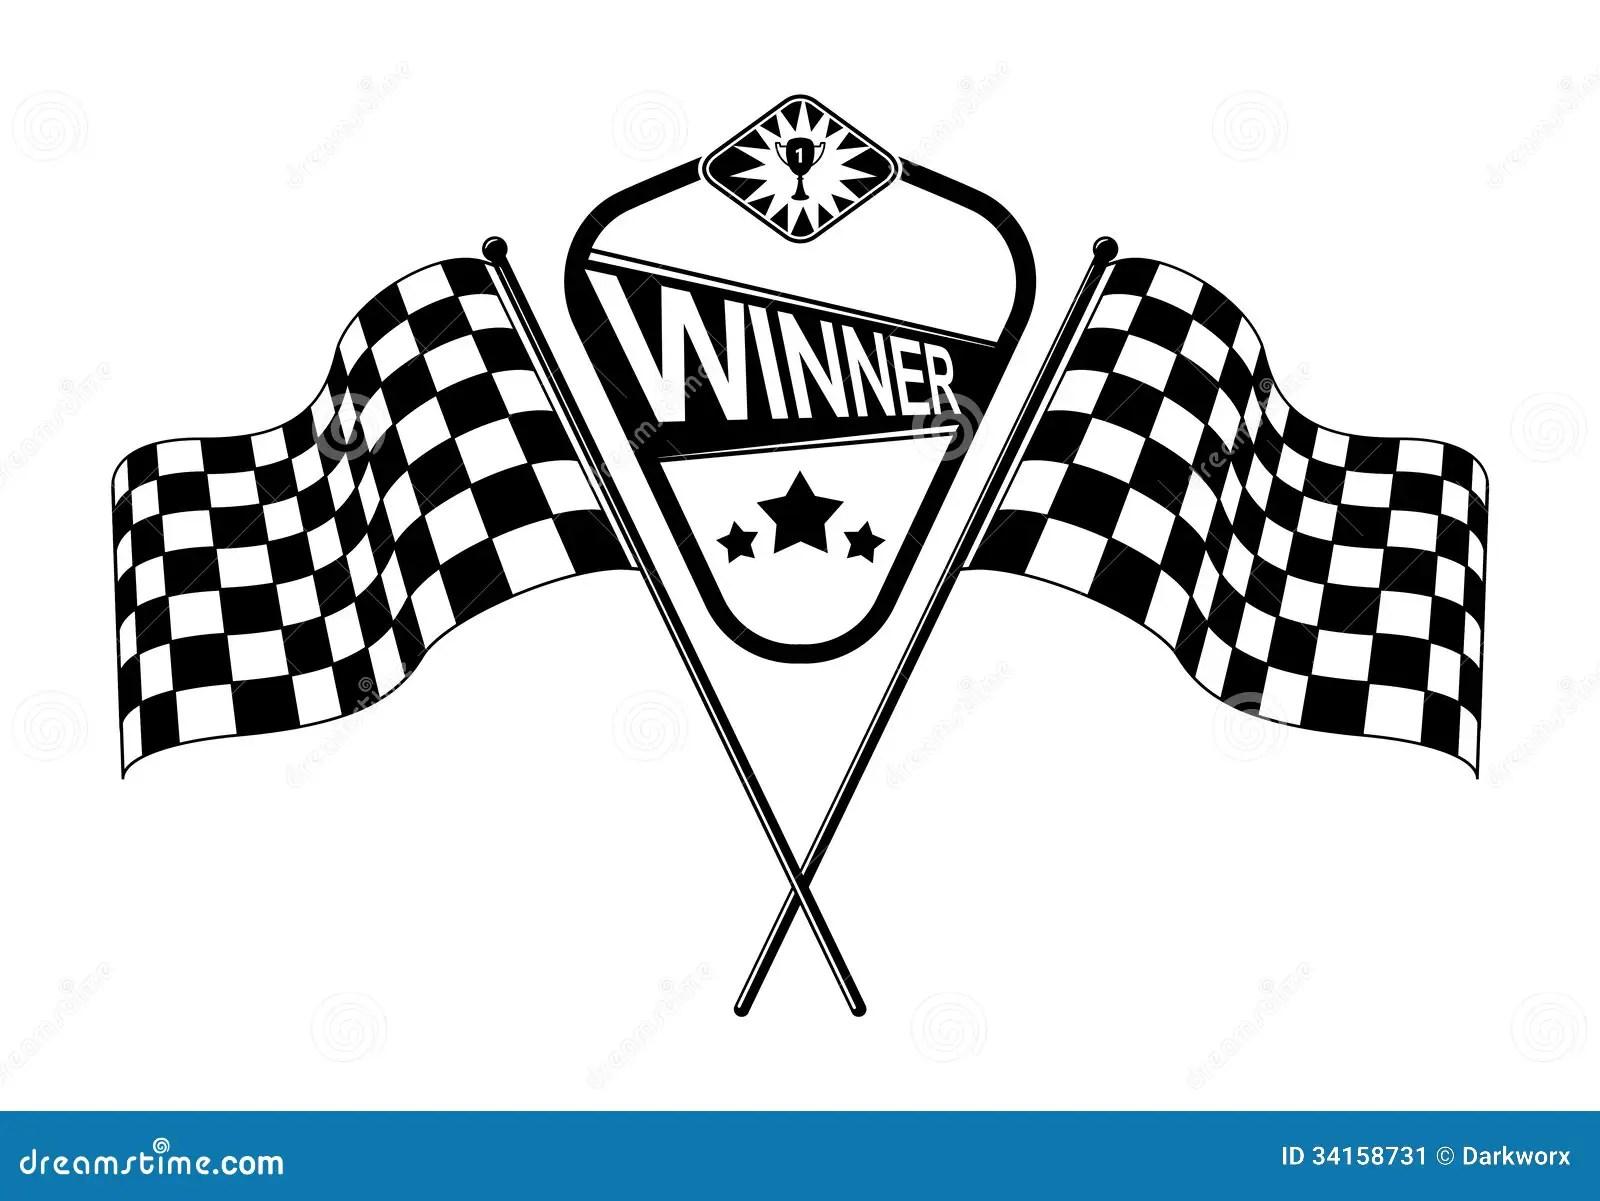 Vector Checkered Race Flags Stock Vector